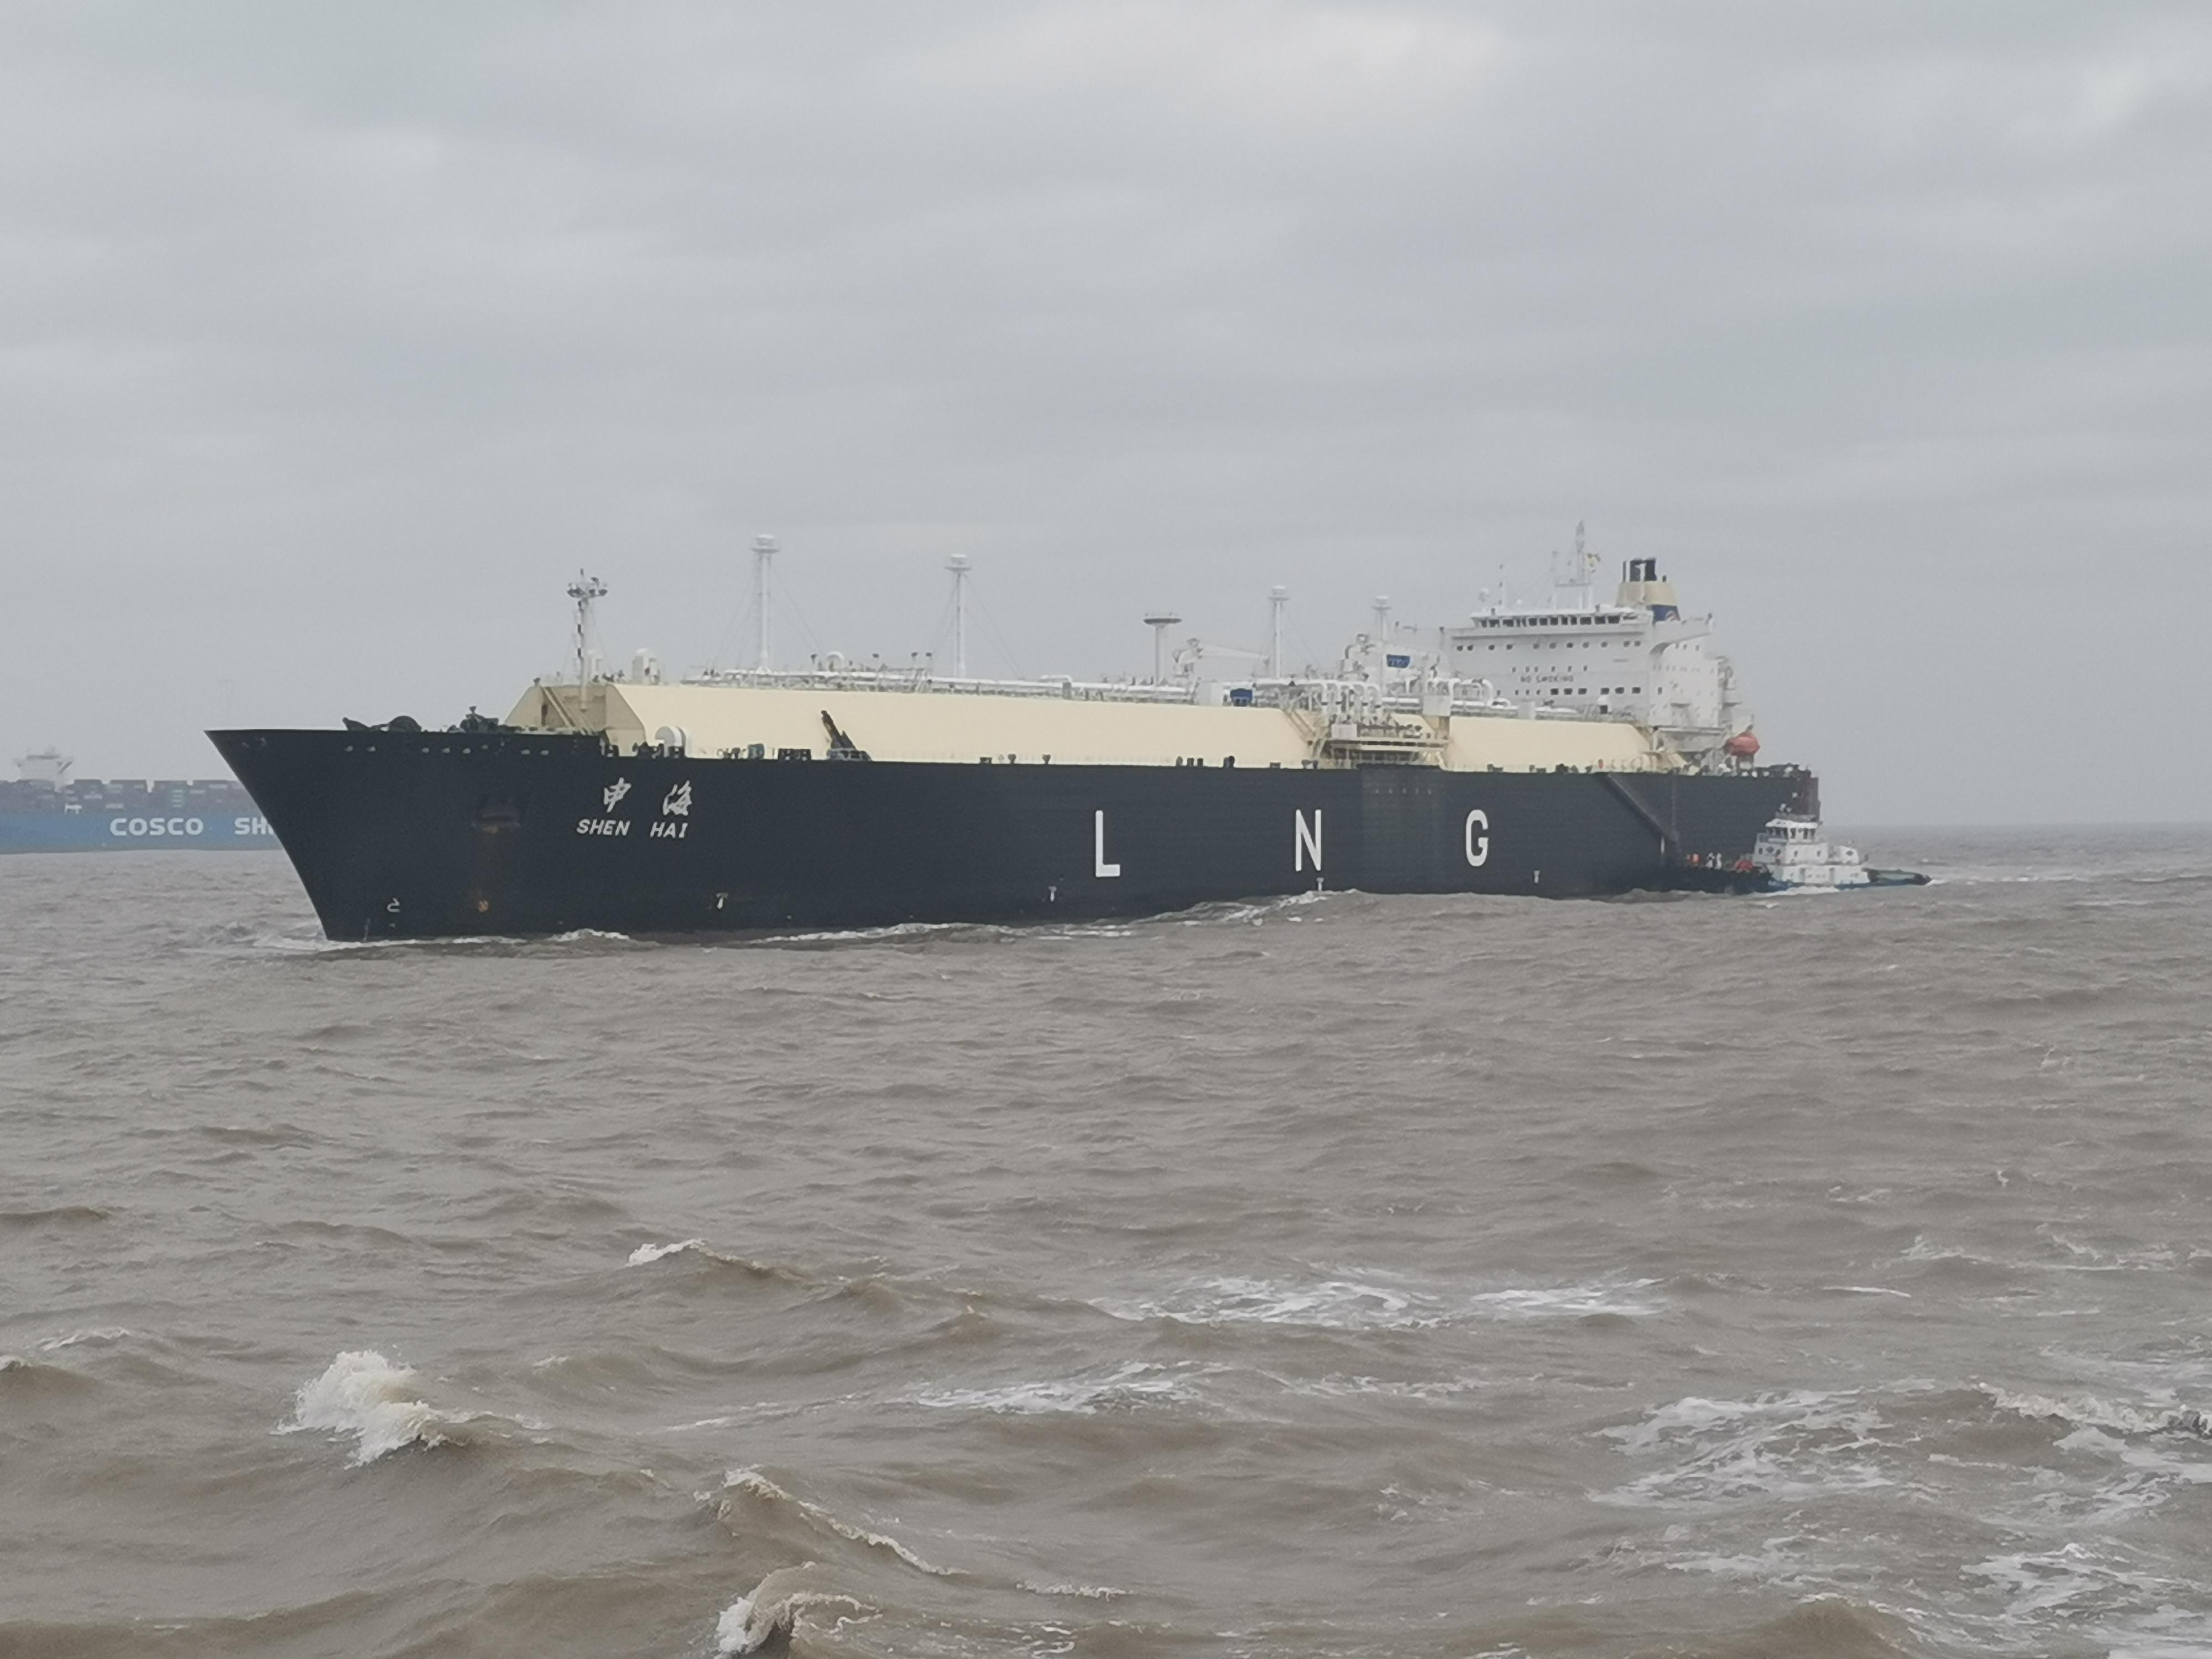 星耀娱乐:正月初一洋山港LNG船舶进港,保障就地过年用气需求